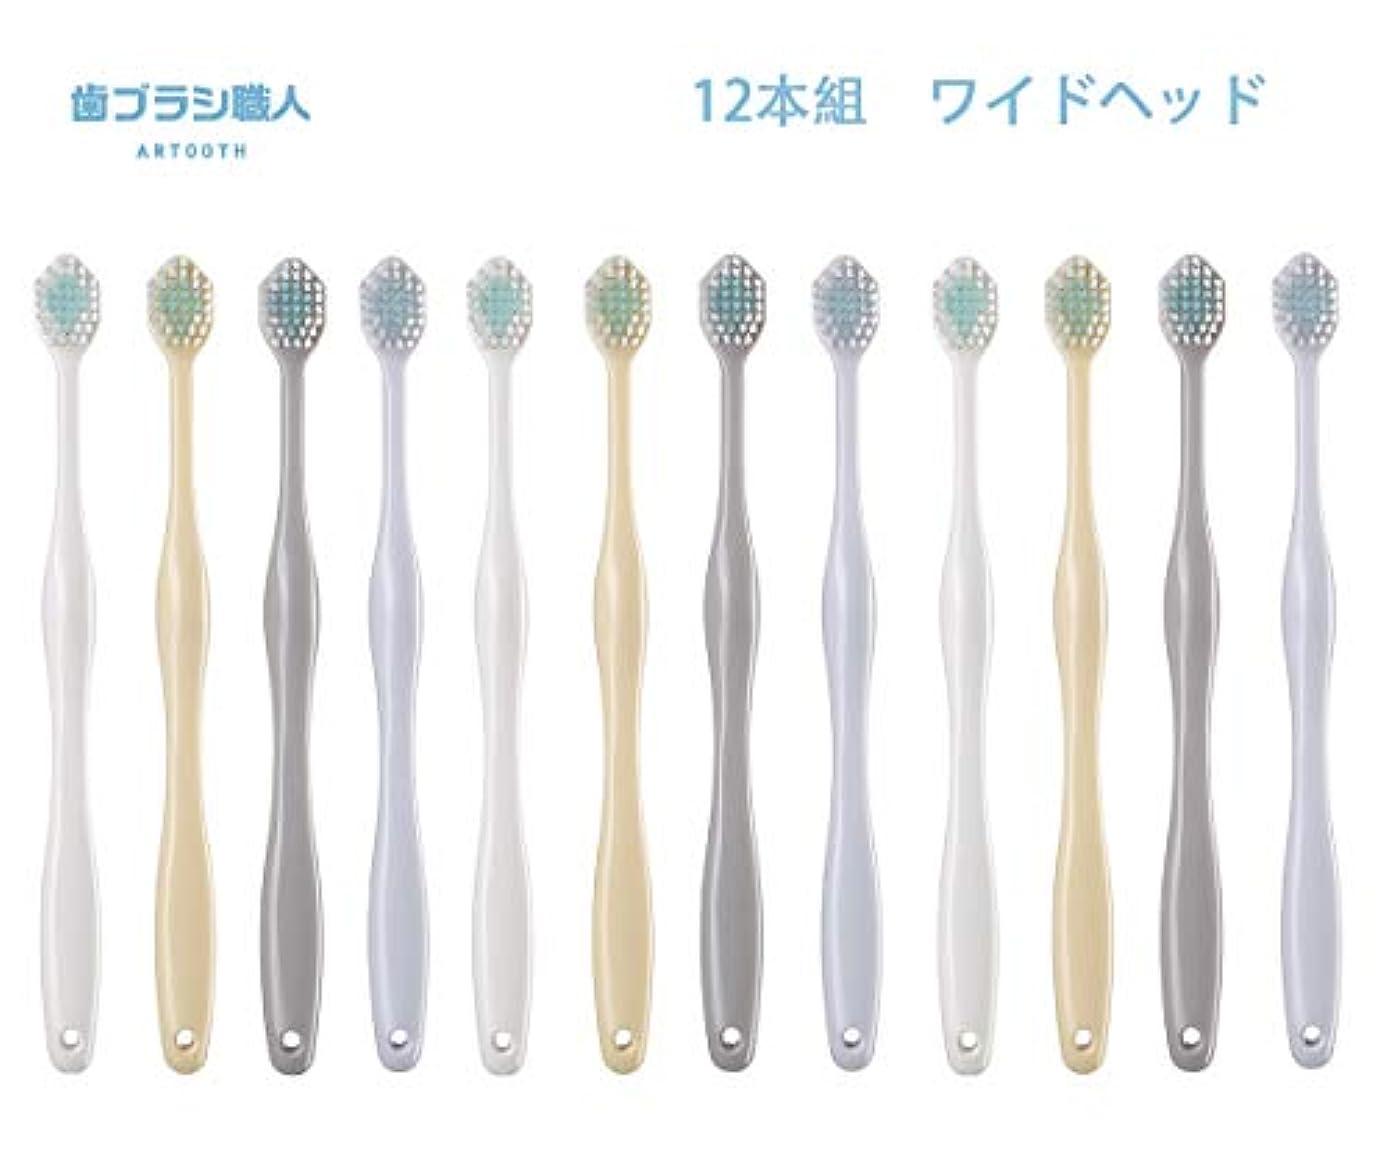 一瞬批評歯ブラシ職人Artooth ® 田辺重吉 磨きやすい歯ブラシ ワイド 6列レギュラー AT-30 (12本組)